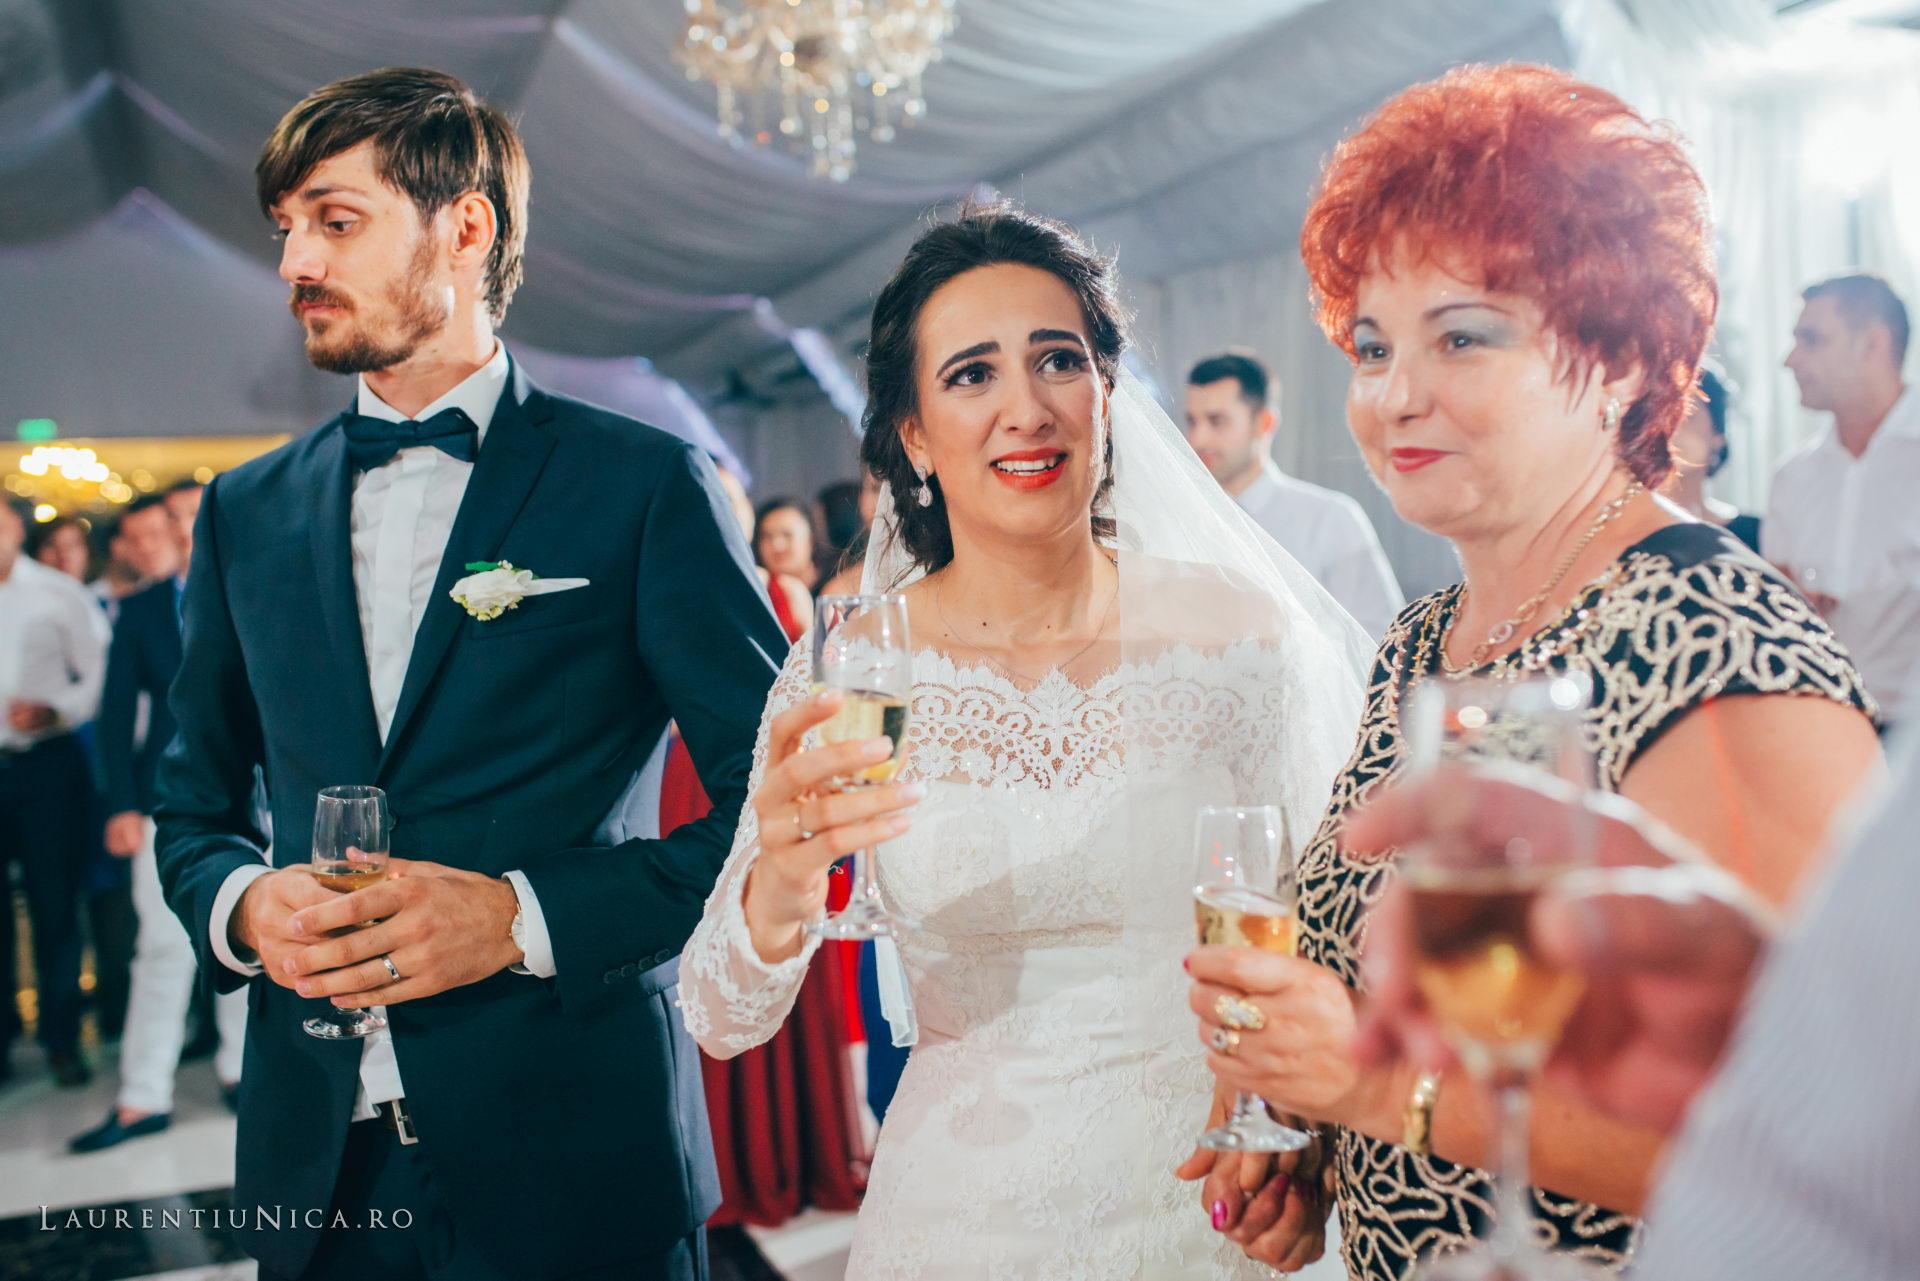 Cristina si Ovidiu nunta Craiova fotograf laurentiu nica 138 - Cristina & Ovidiu | Fotografii nunta | Craiova